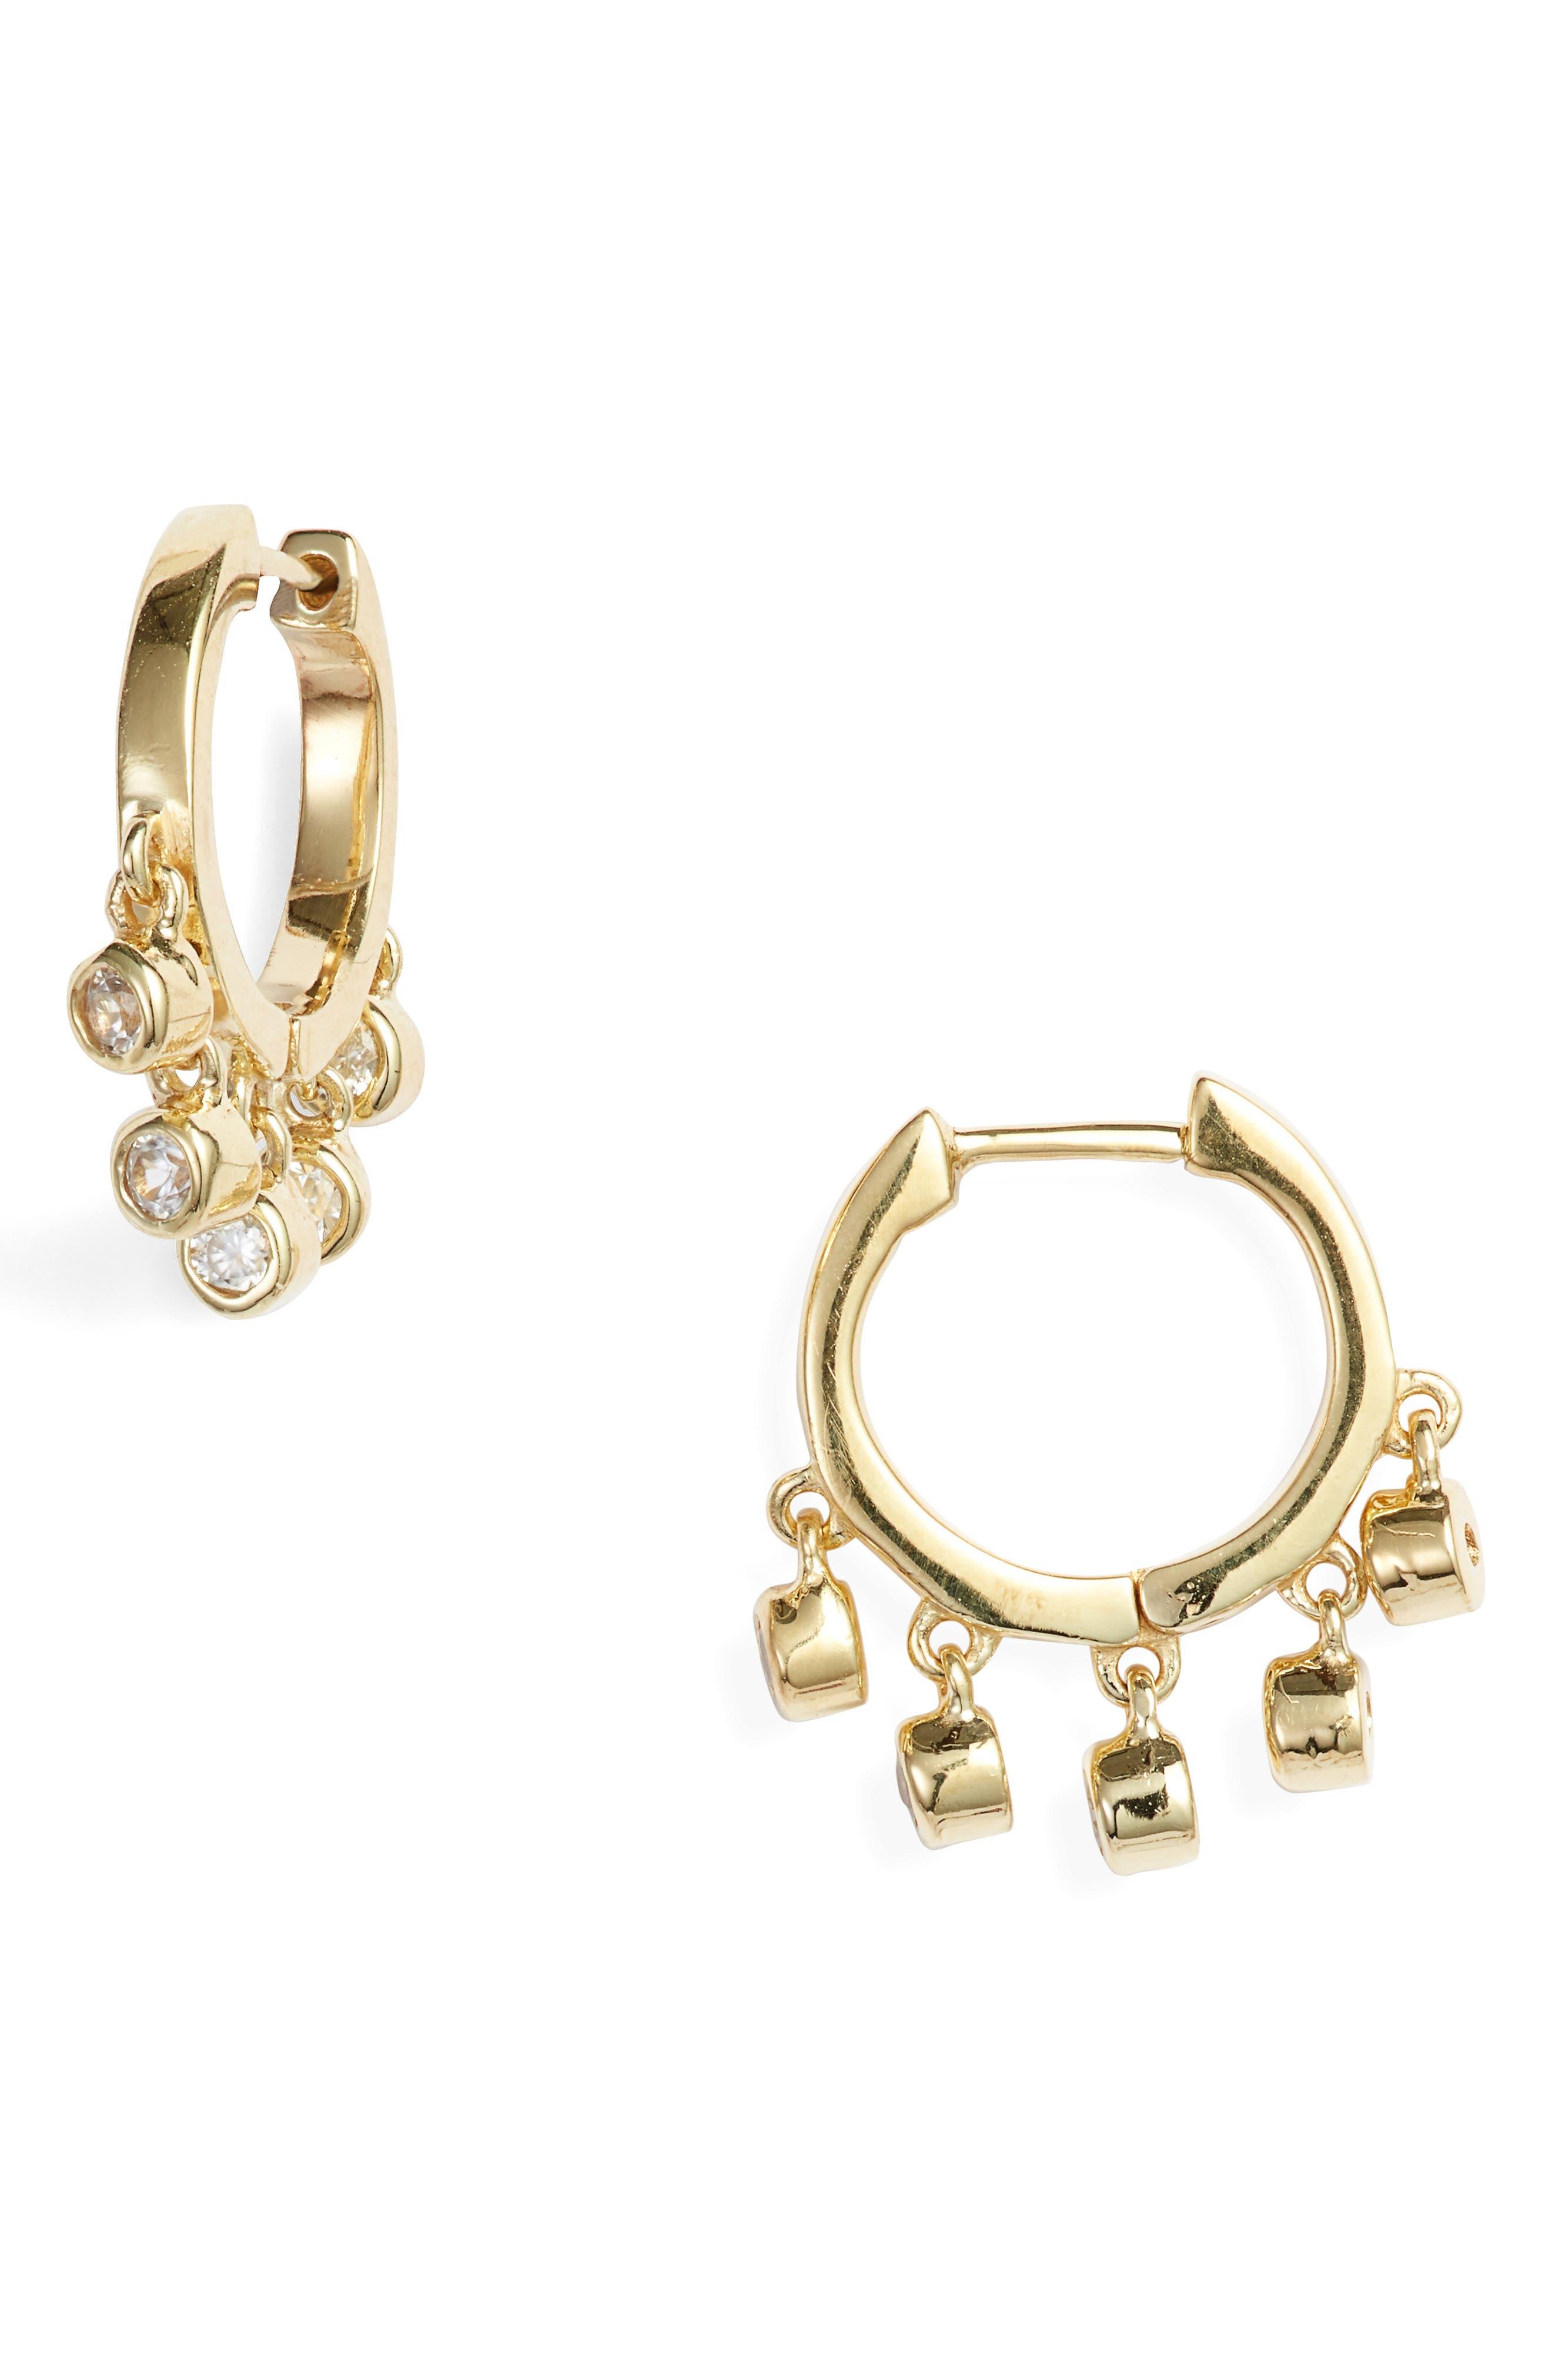 White Zircon Huggie Hoop Earrings